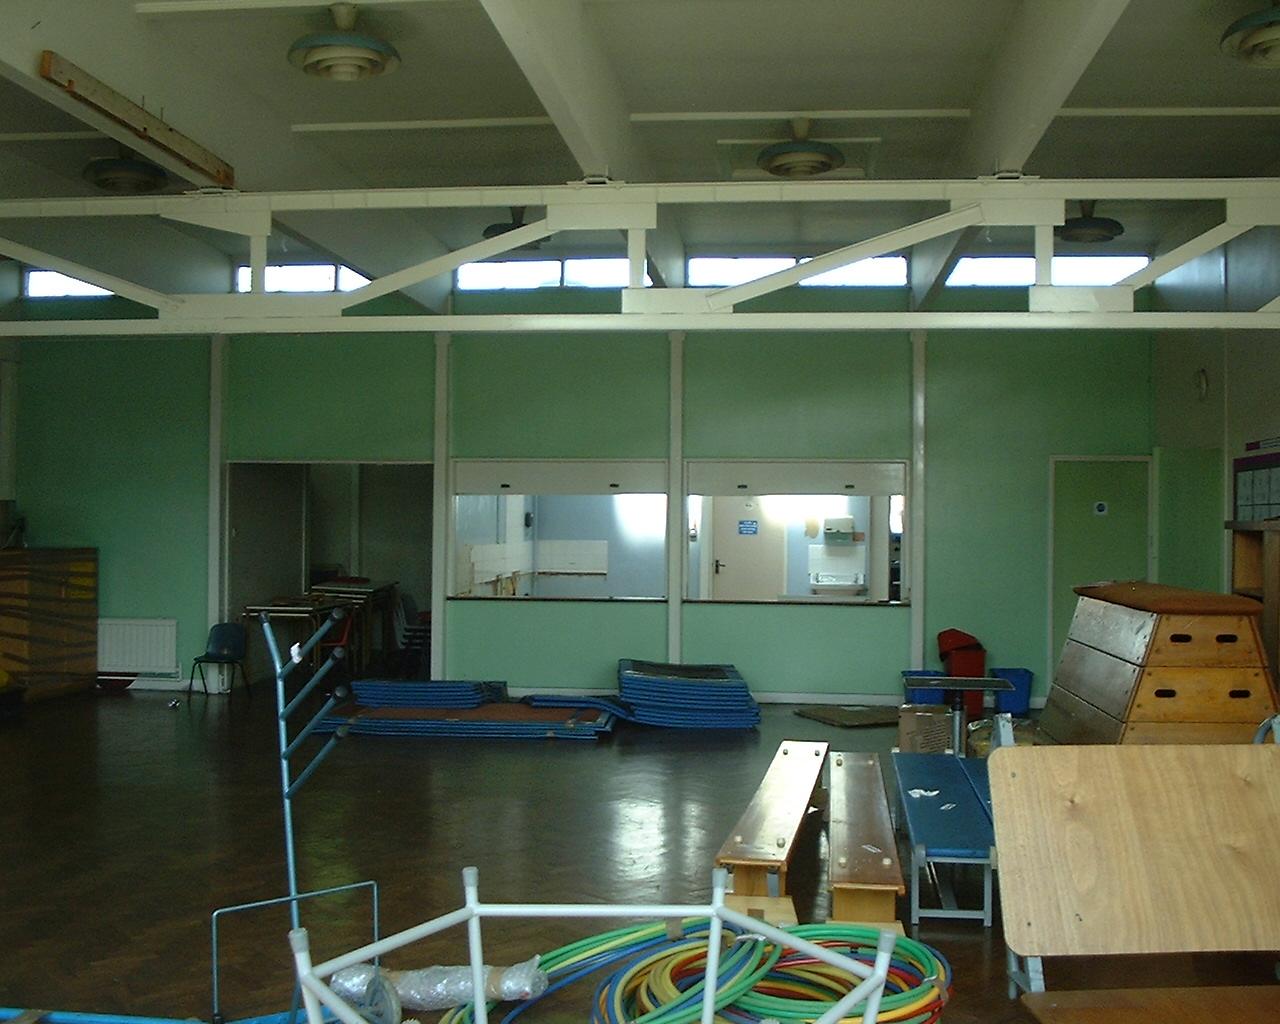 Hemsworth School Jul 2003 03